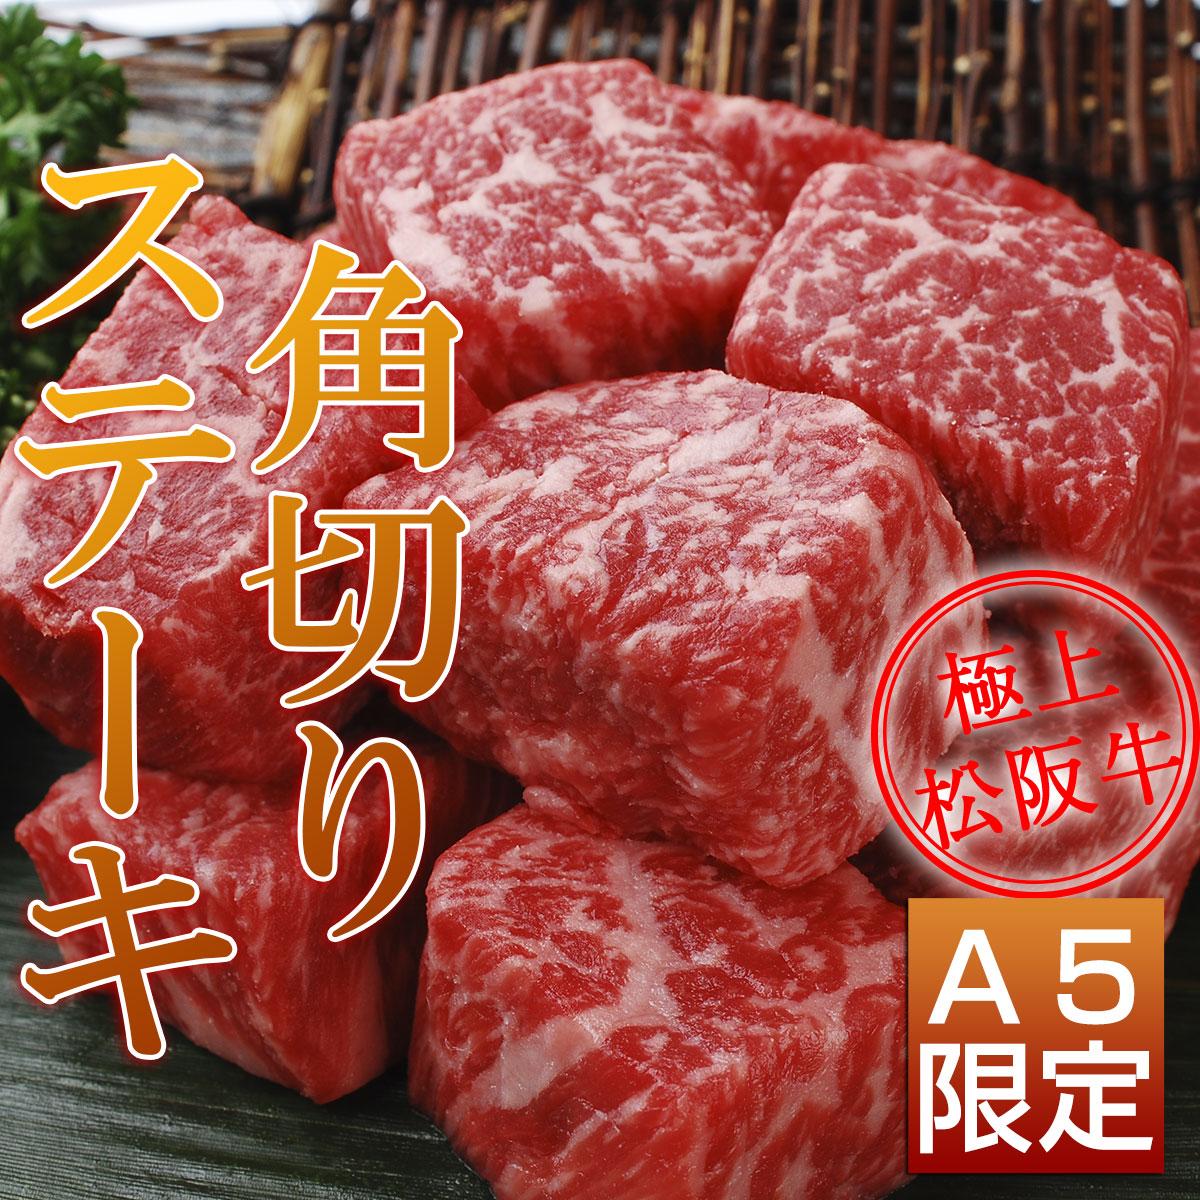 松阪牛ステーキ食べ比べセット(ダイヤ・角切り)